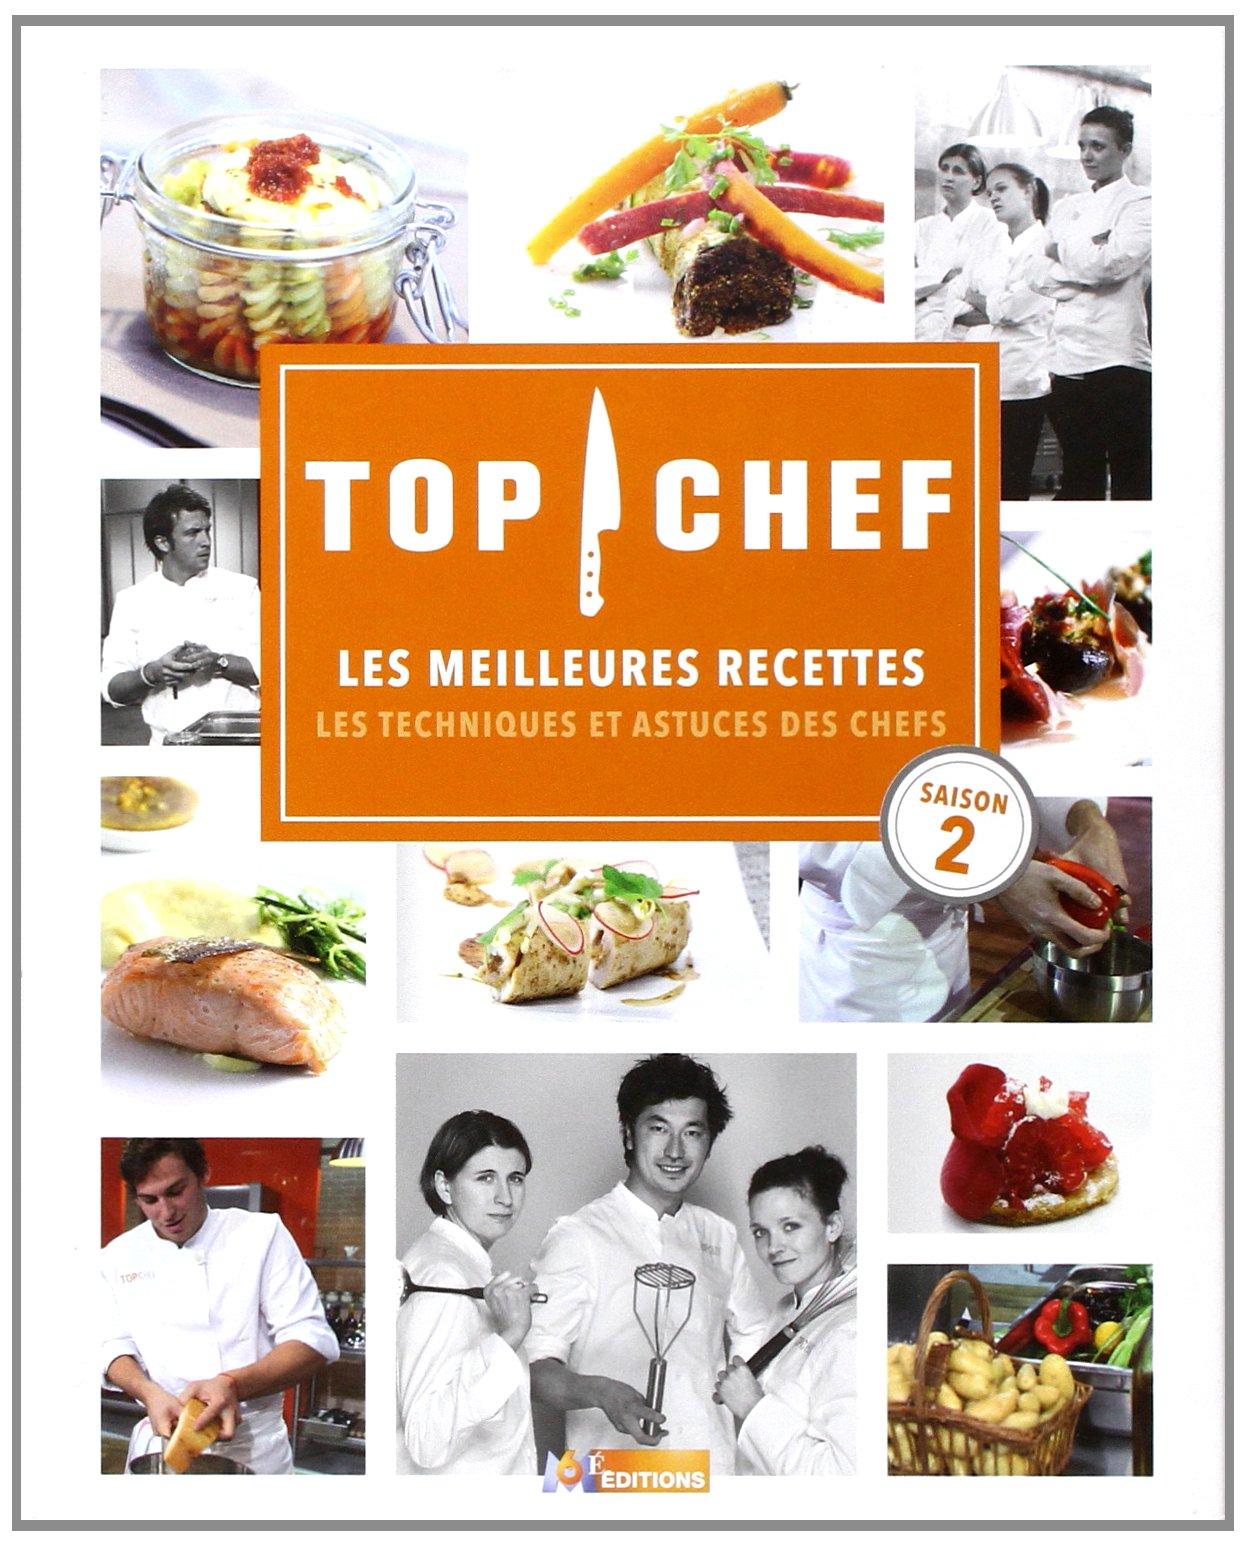 Top Chef Les Meilleures Recettes Les Techniques Et Astuces Des